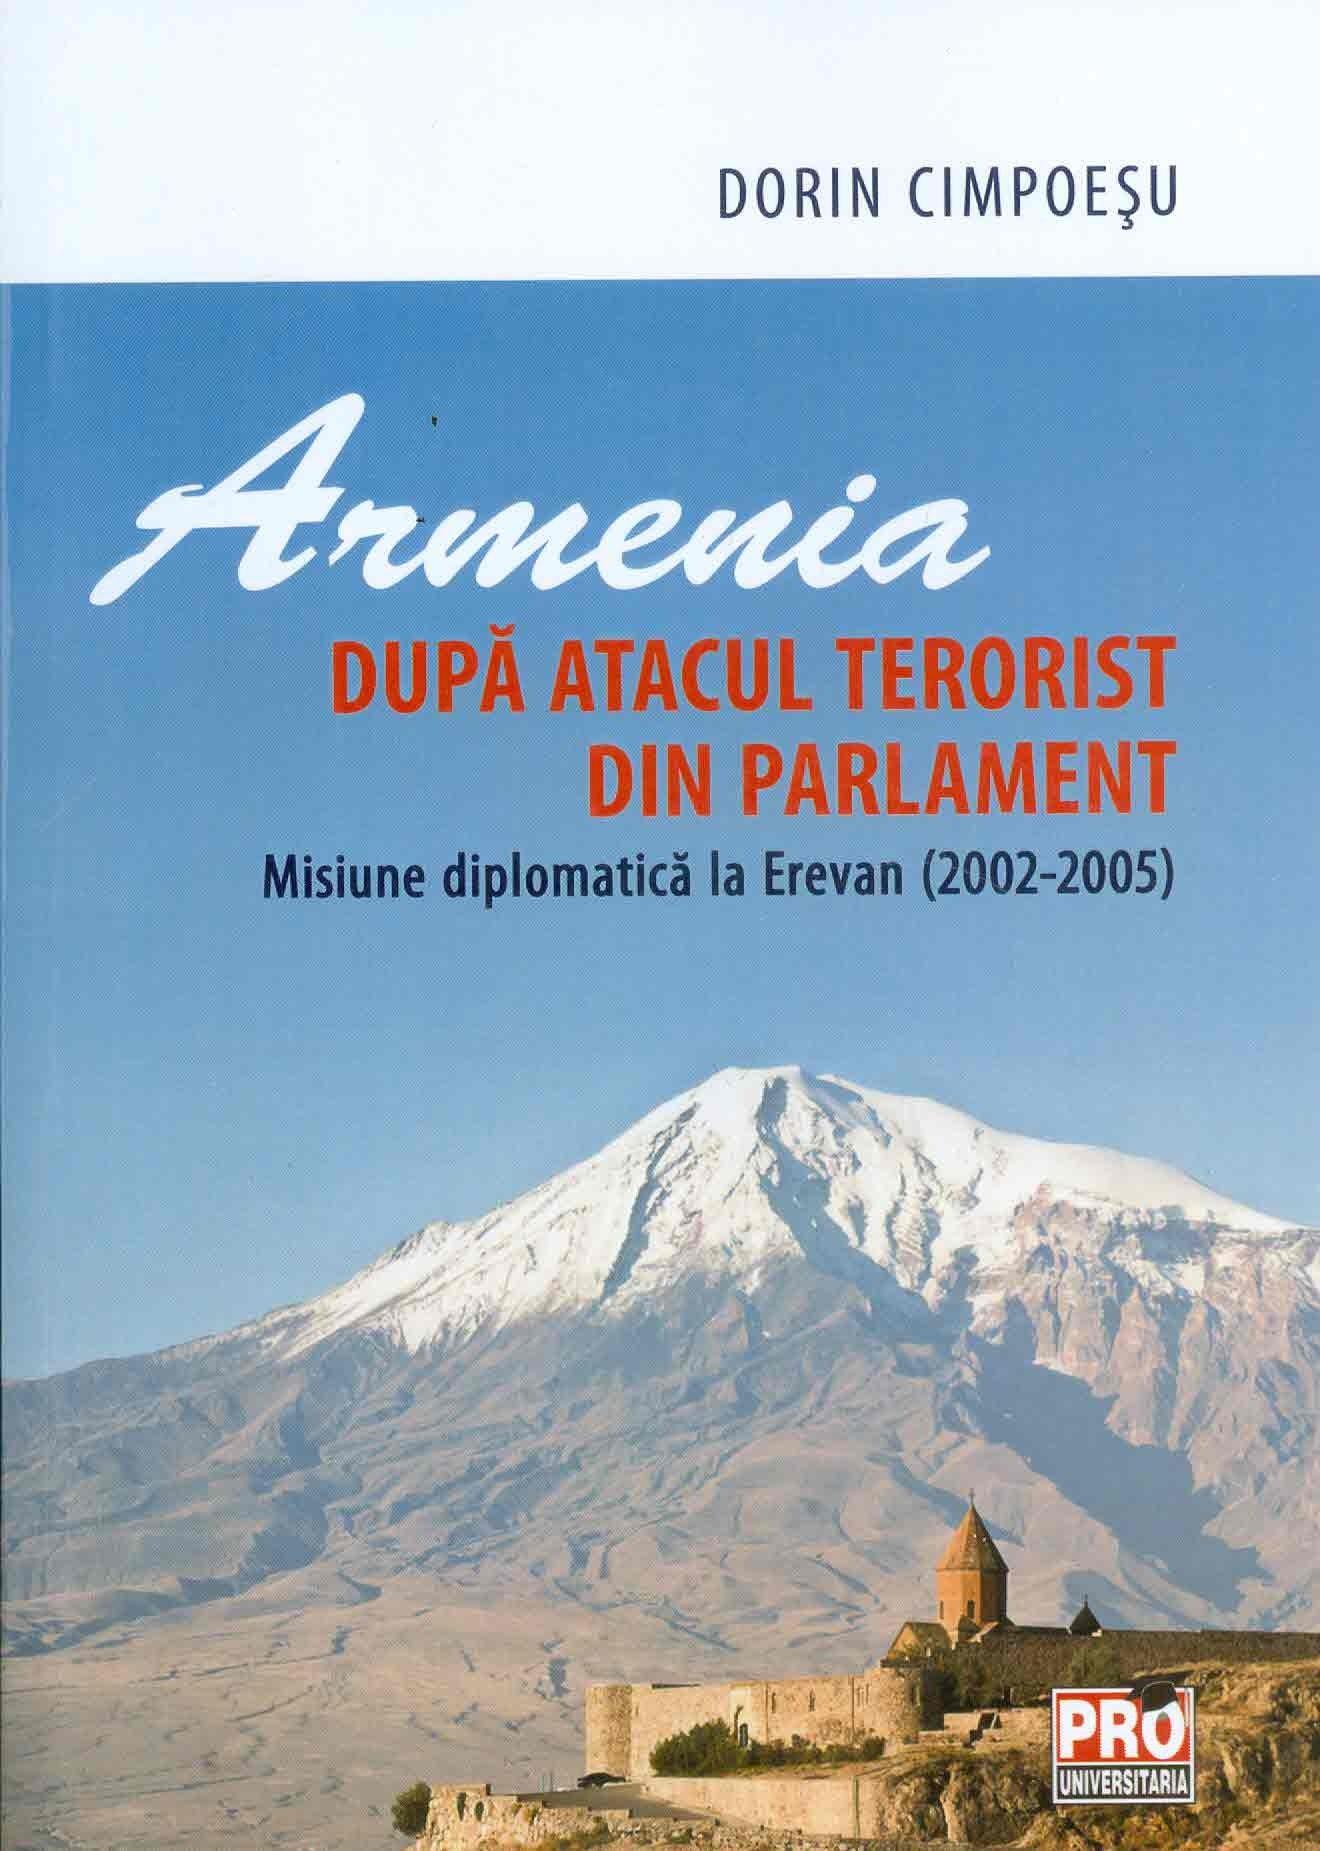 Armenia dupa atacul terorist din parlament